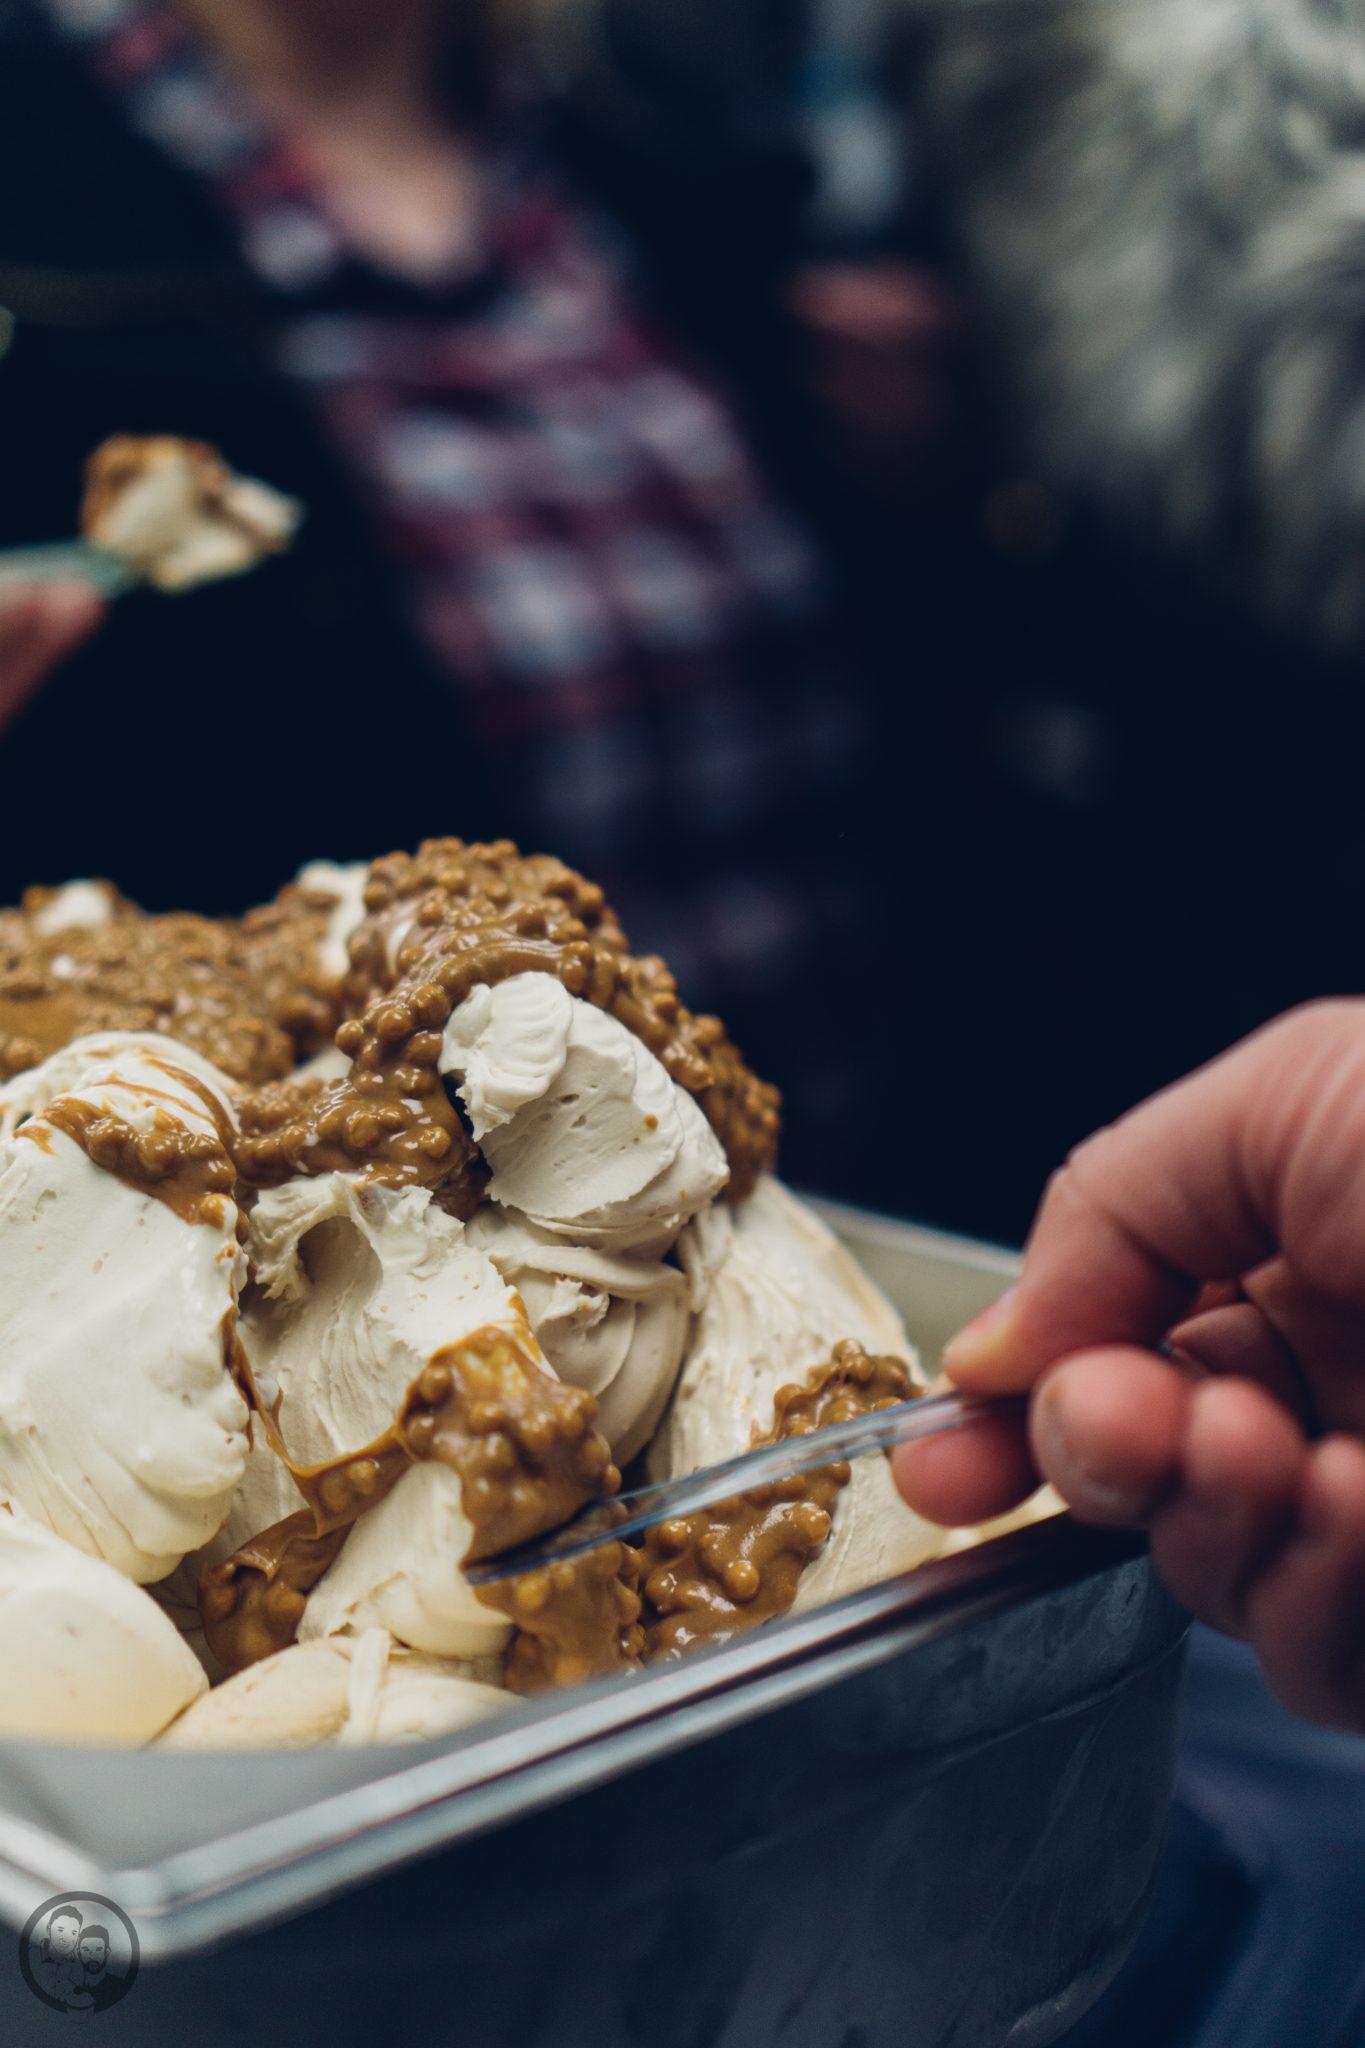 Vila Vita 28   Heute möchten wir euch von einem Foodie-Tag der Extraklasse durch Marburg berichten, dass ist nämlich schon lange überfällig. Die Vila Vita Marburghat gemeinsam mit Cat von Schlemmerkatze zum Schlemmertag gerufen und da sagen wir definitiv nicht nein zu.Die Vila Vita kennen wir ja schon seit der Landpartie im letzten Jahr und im Märzdurften wir den Genusstempel in seiner ganzen Vielfalt erleben. Zum Abschluss wurde dann auch noch gemeinsam gekocht und unseren Favorit von diesem Abend, stellen wir euch heute vor - Spicy Tartar Roll!